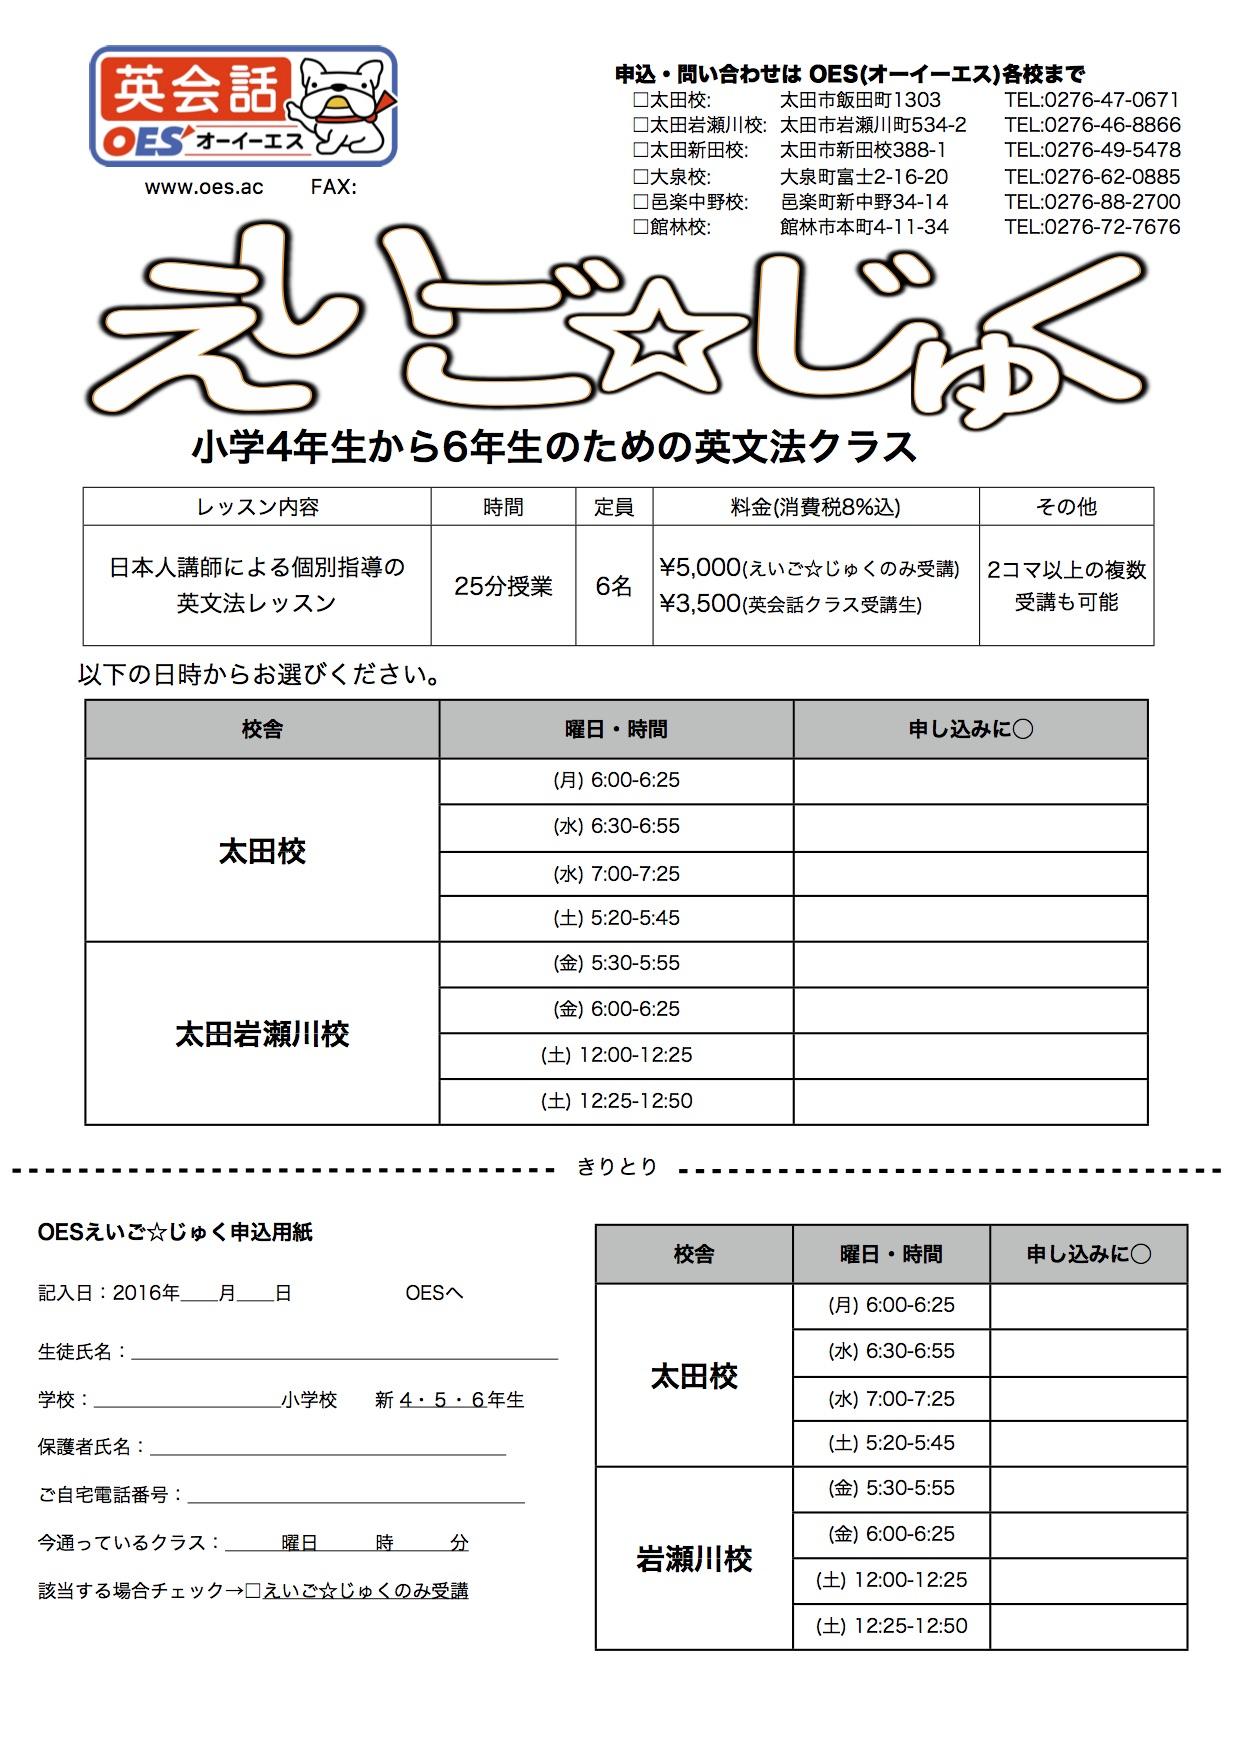 えいご☆じゅく申込書2016